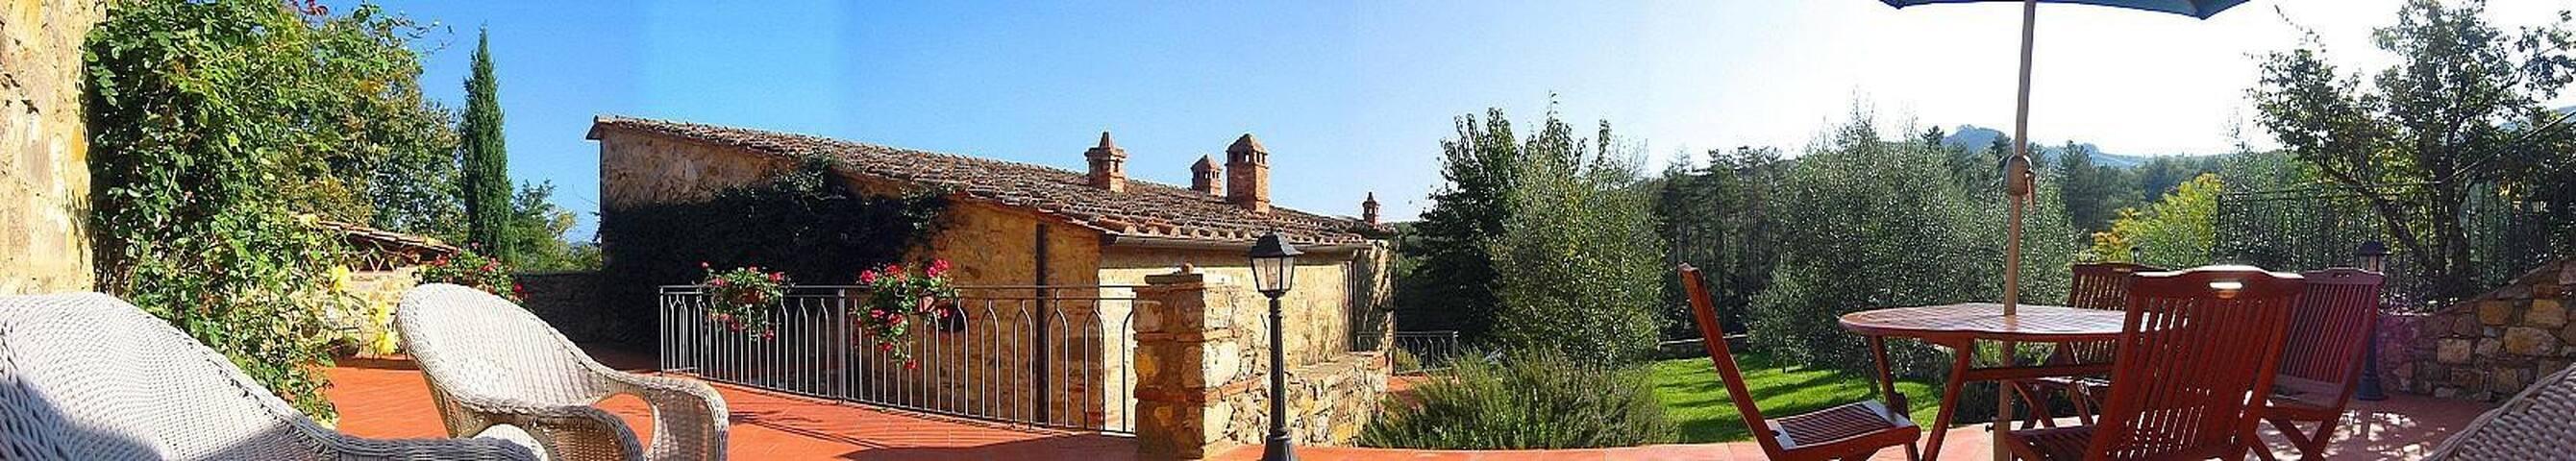 Borgo Bello A